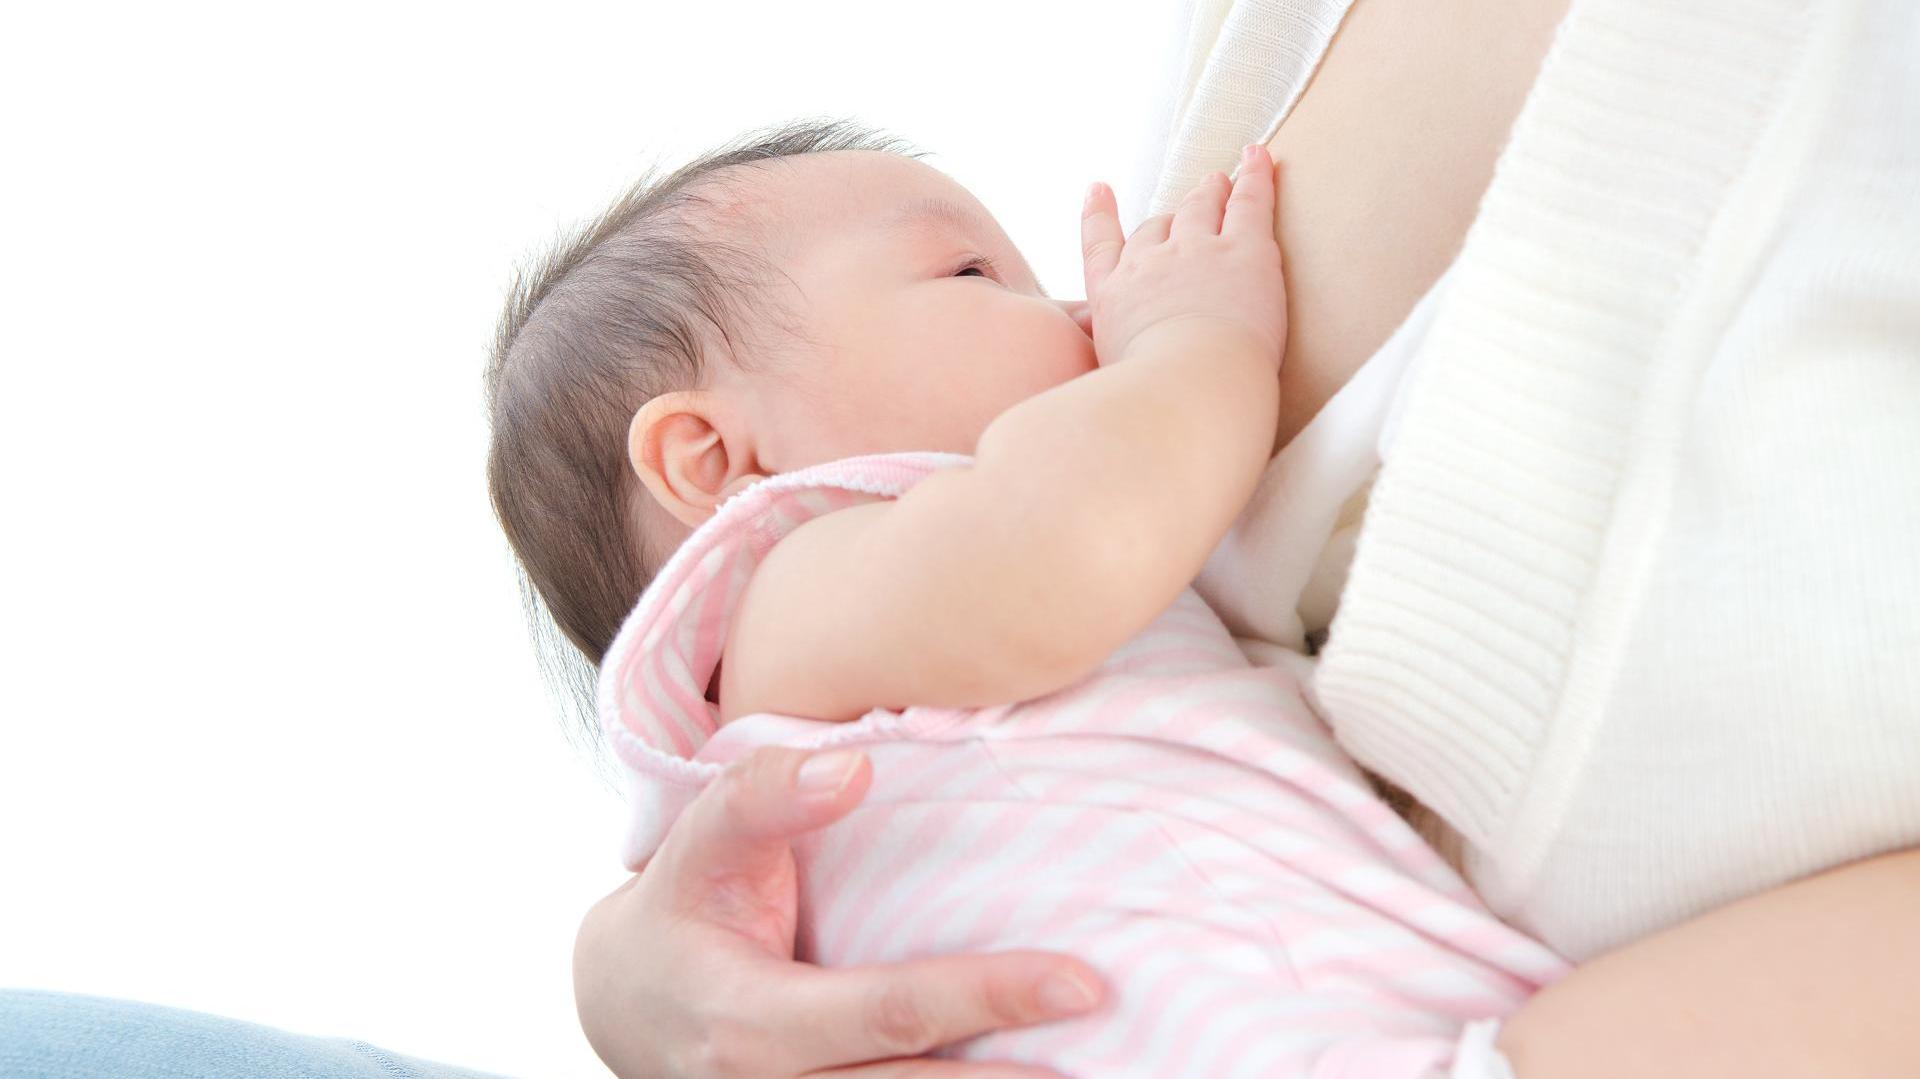 Muttermilch – Leider wird zu oft auf das Stillen mit Muttermilch verzichtet